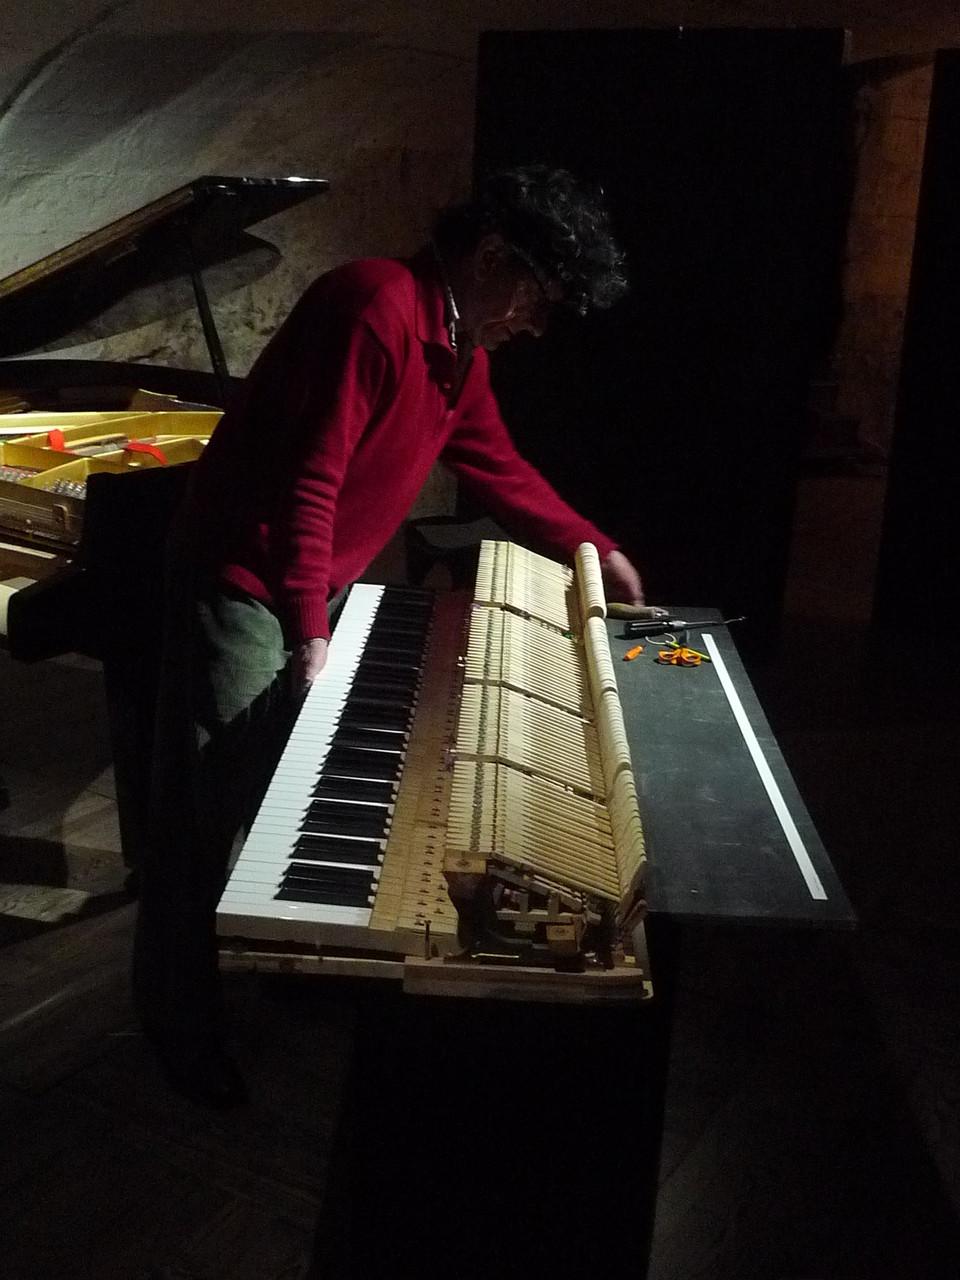 Les pianos sont des mécaniques complexes